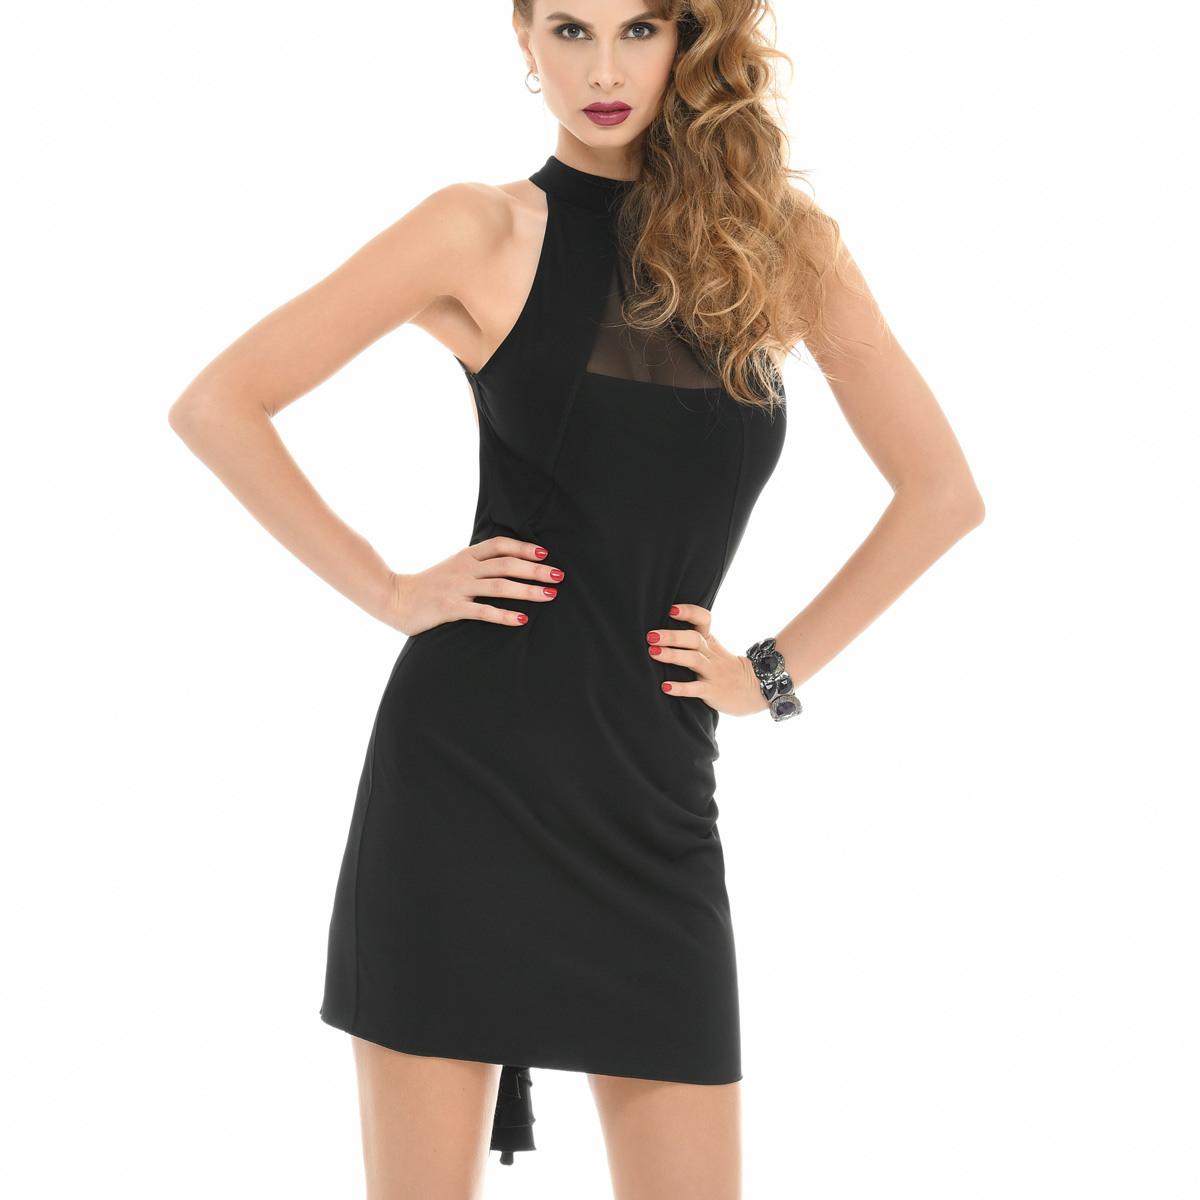 Formal Leicht Neckholder Kleid Galerie15 Kreativ Neckholder Kleid Bester Preis